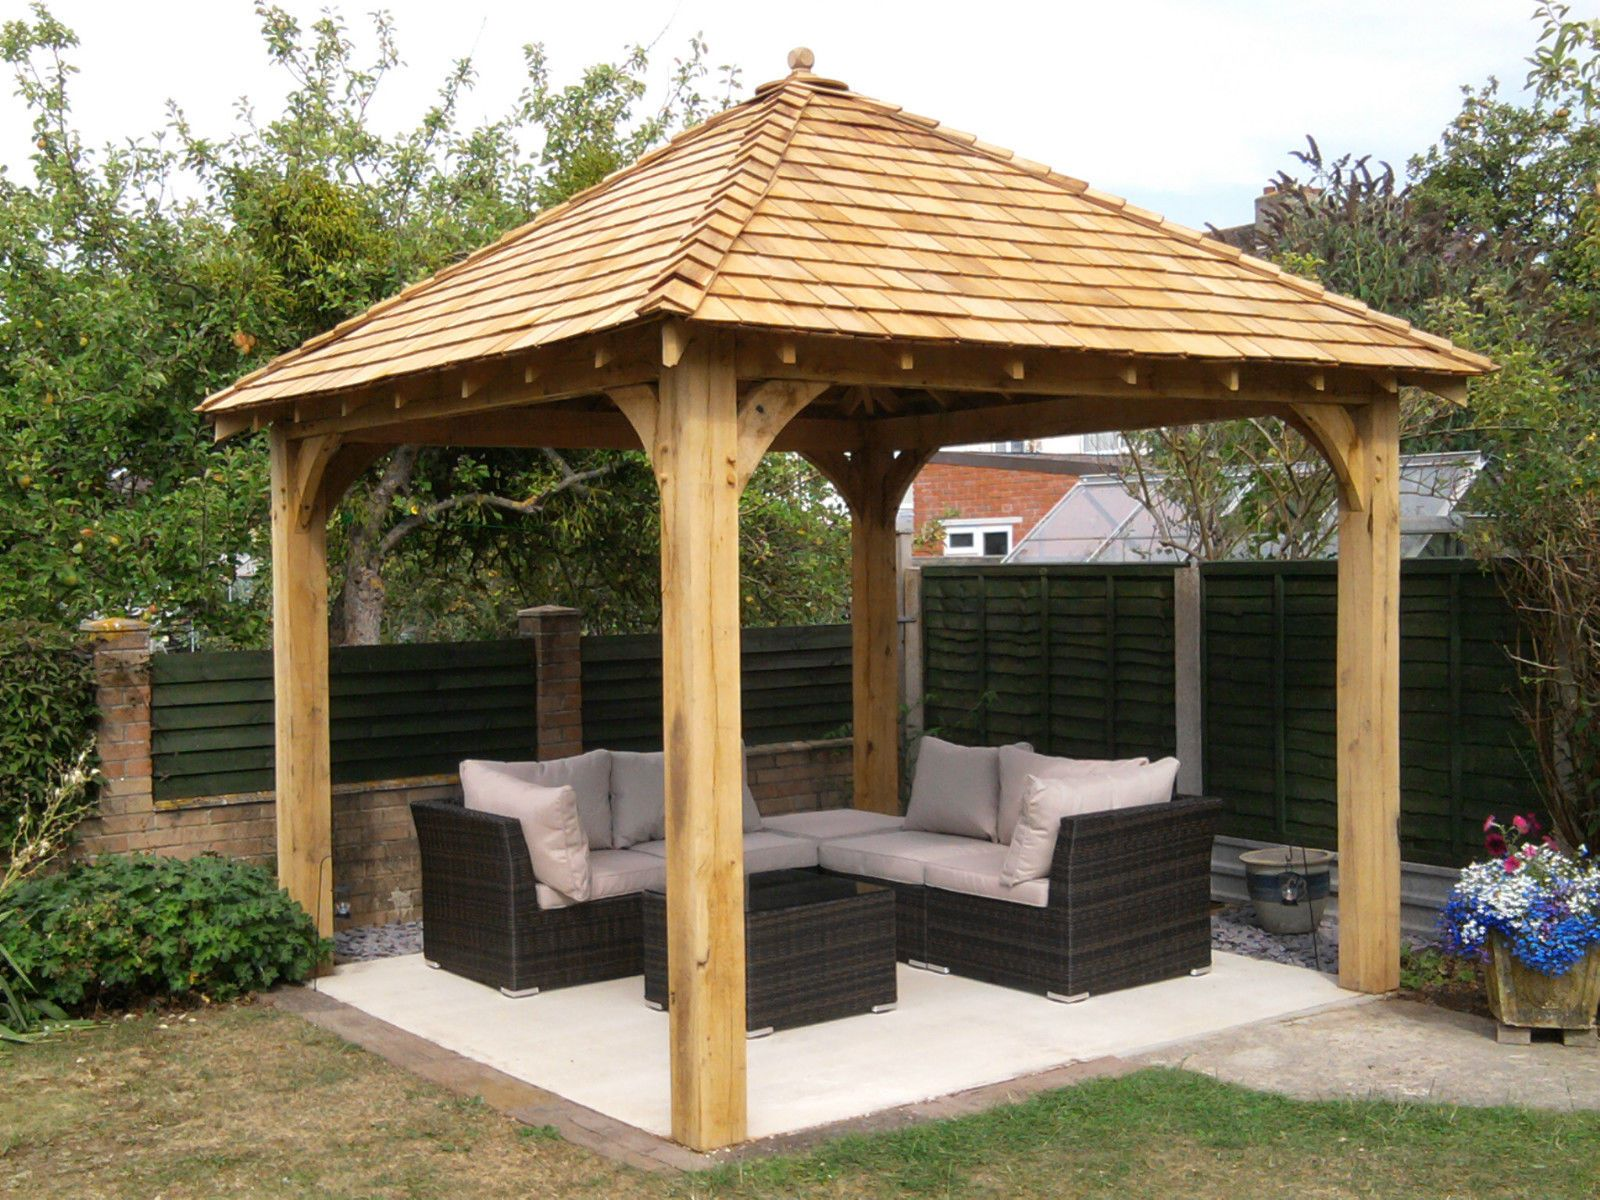 Oak gazebo 3mx3m including cedar shingles DIY kit | eBay ...